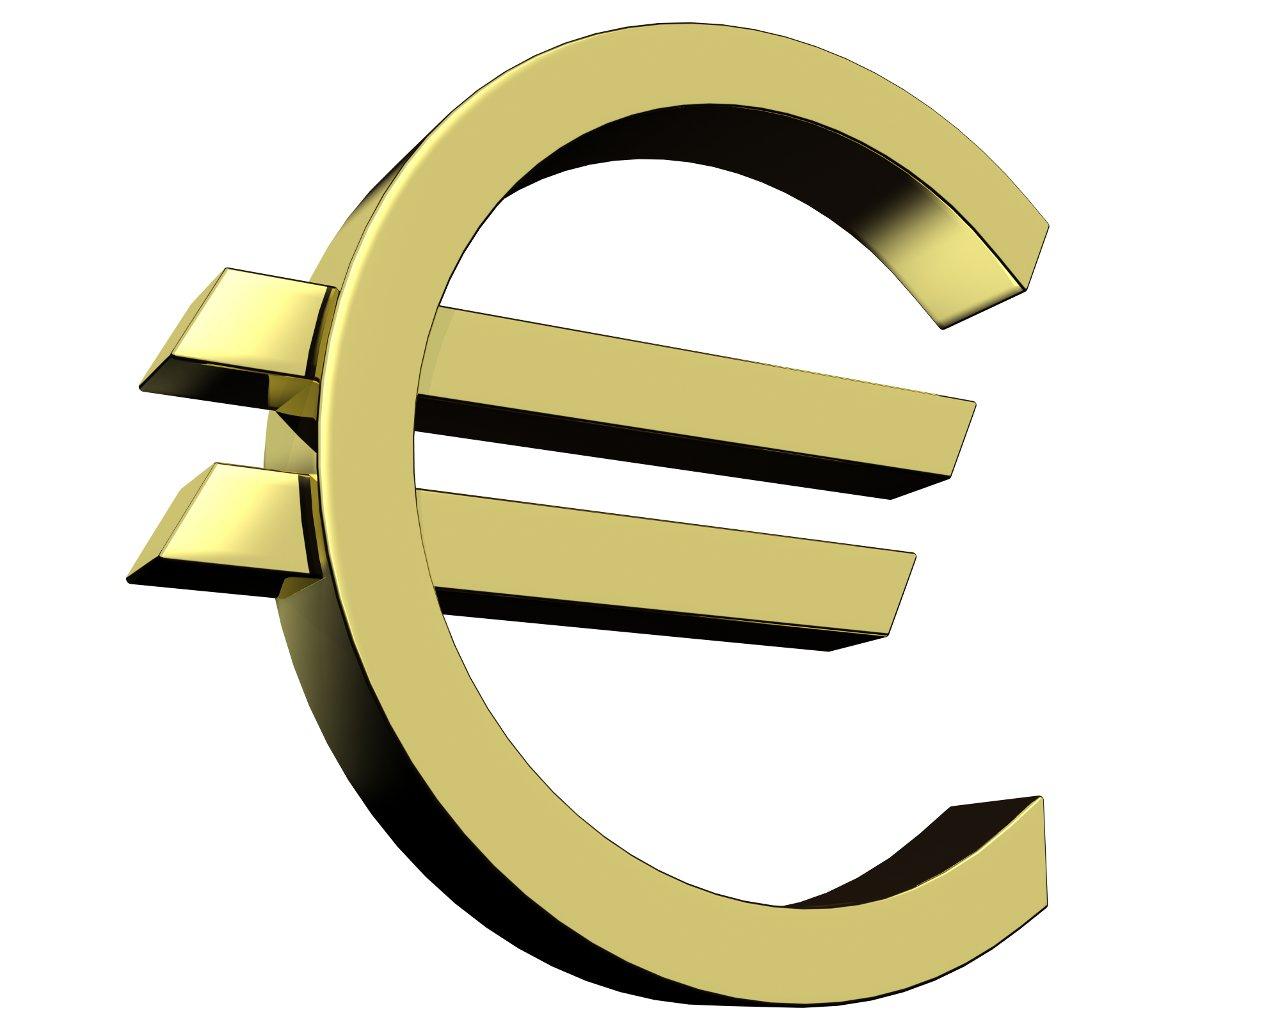 تراجع اليورو عقب صدور بيانات مؤشر IFO لمناخ الأعمال